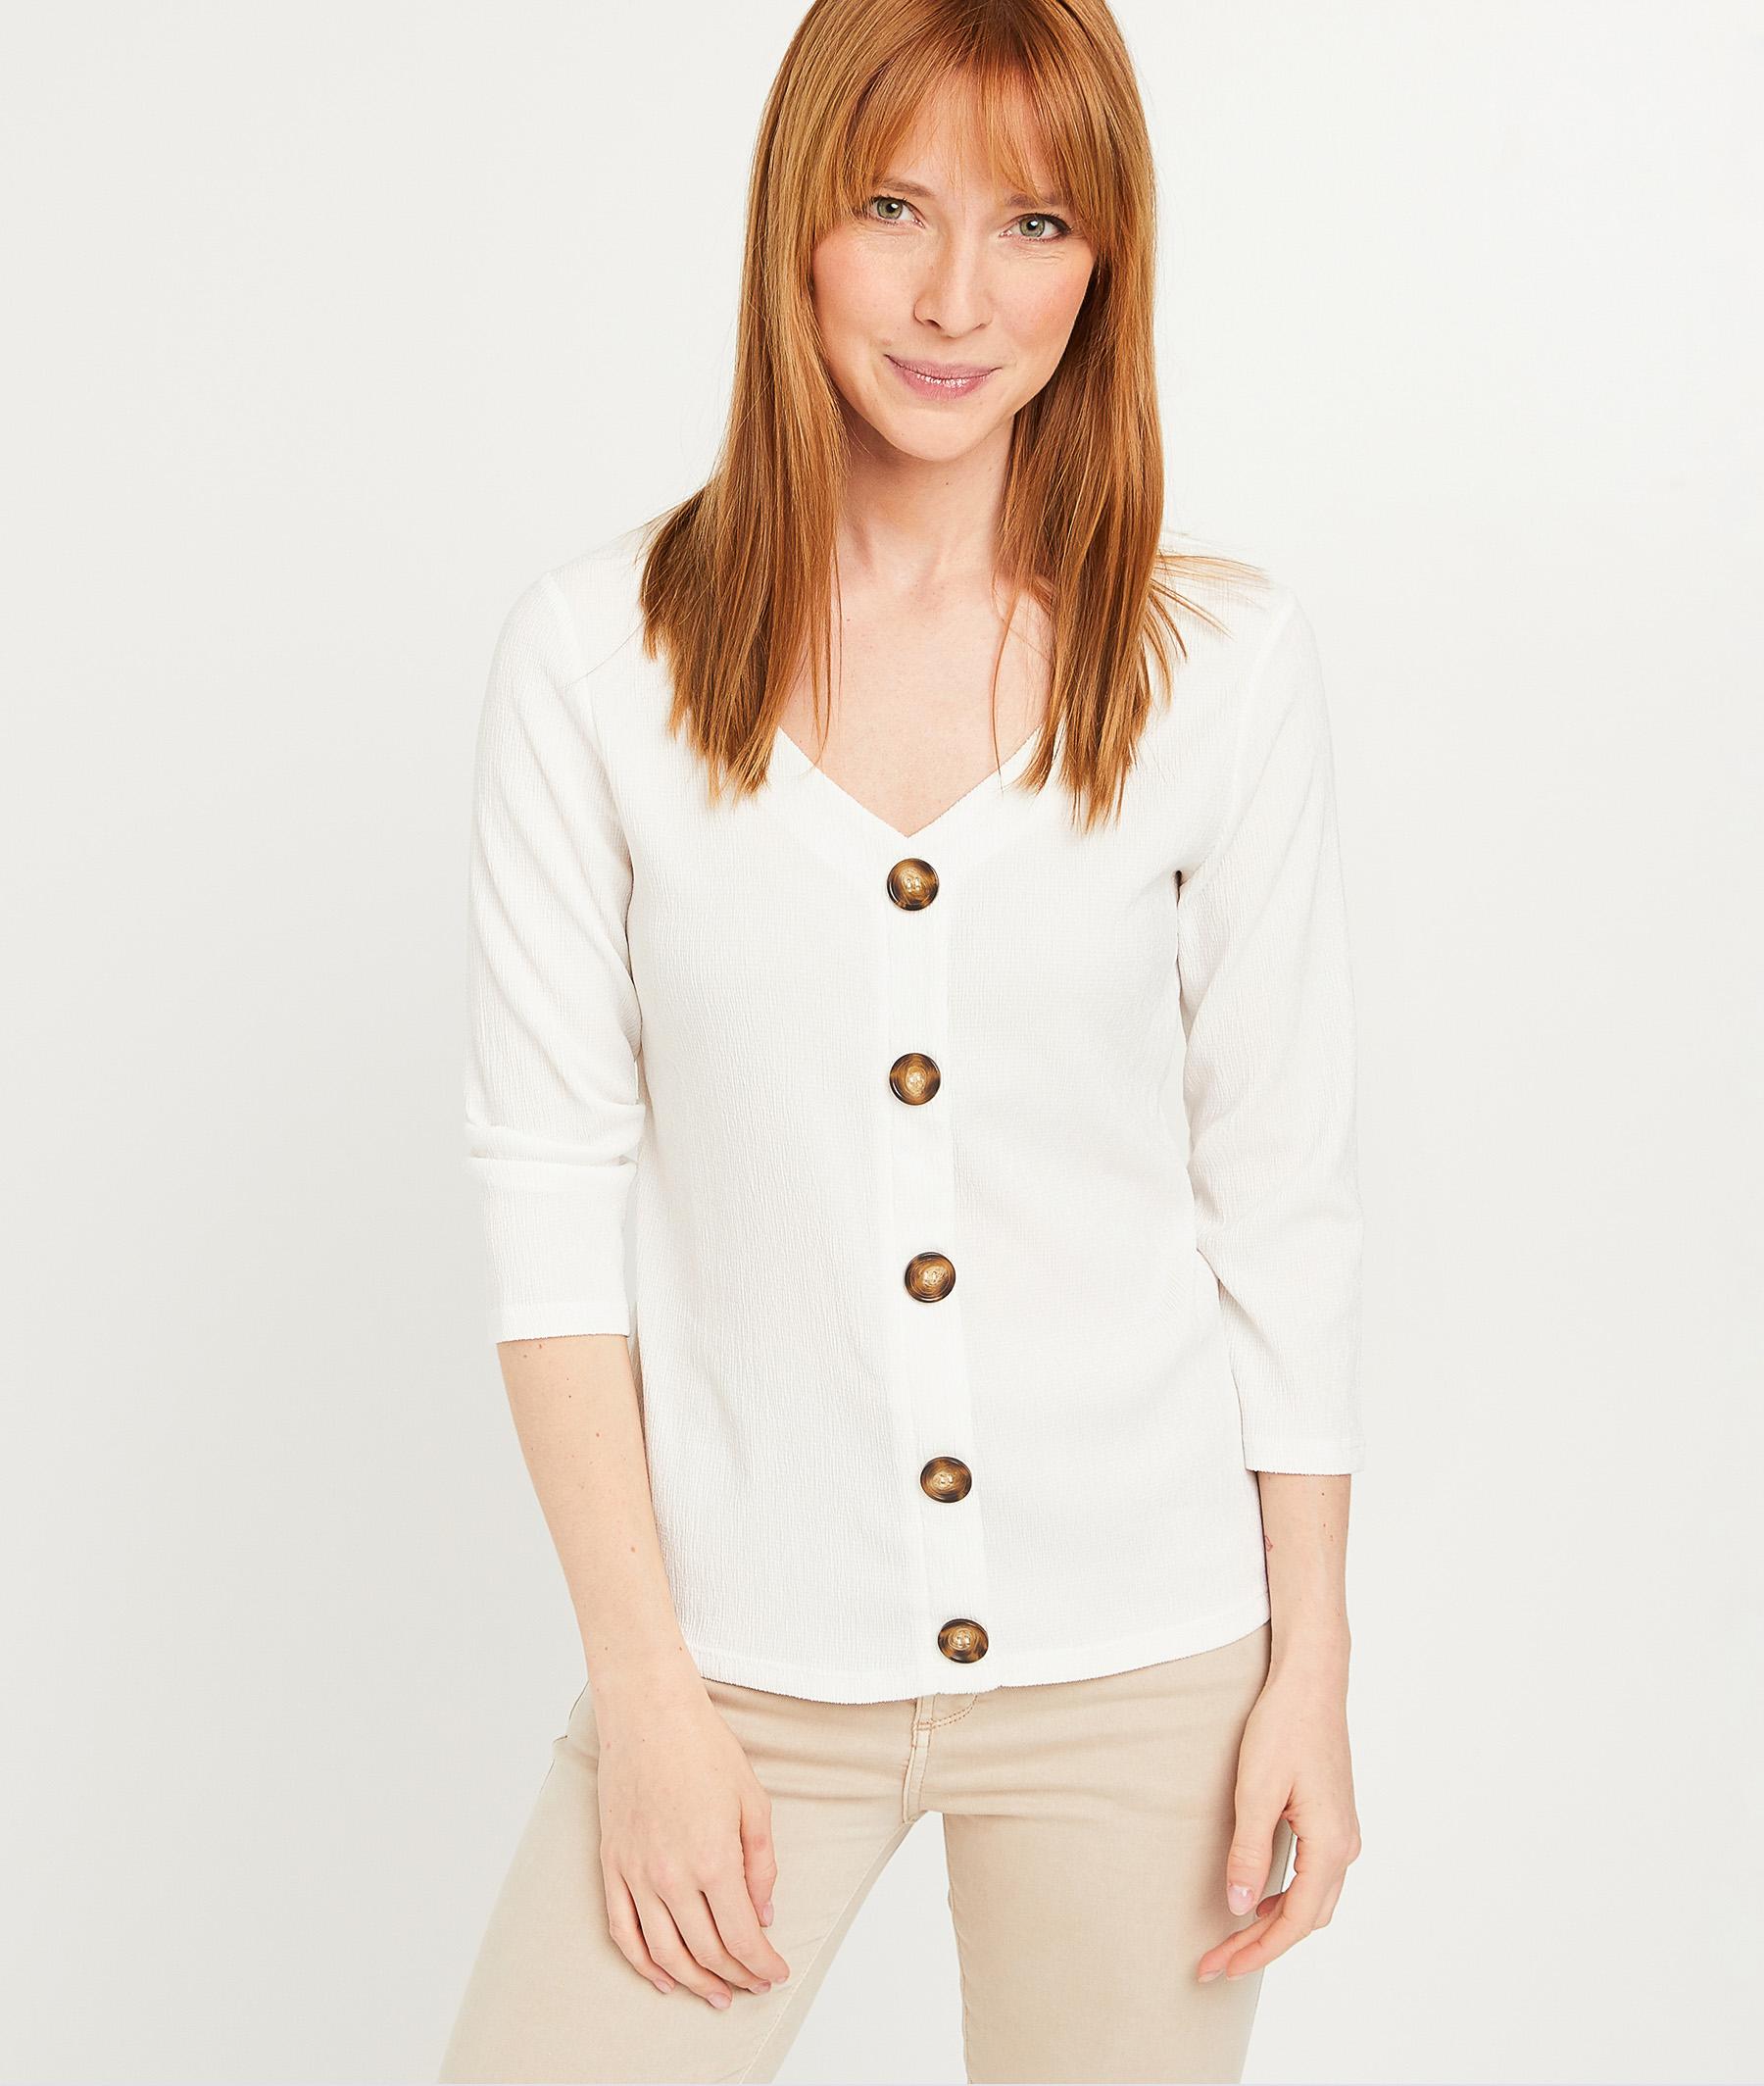 T-shirt froissé femme ECRU